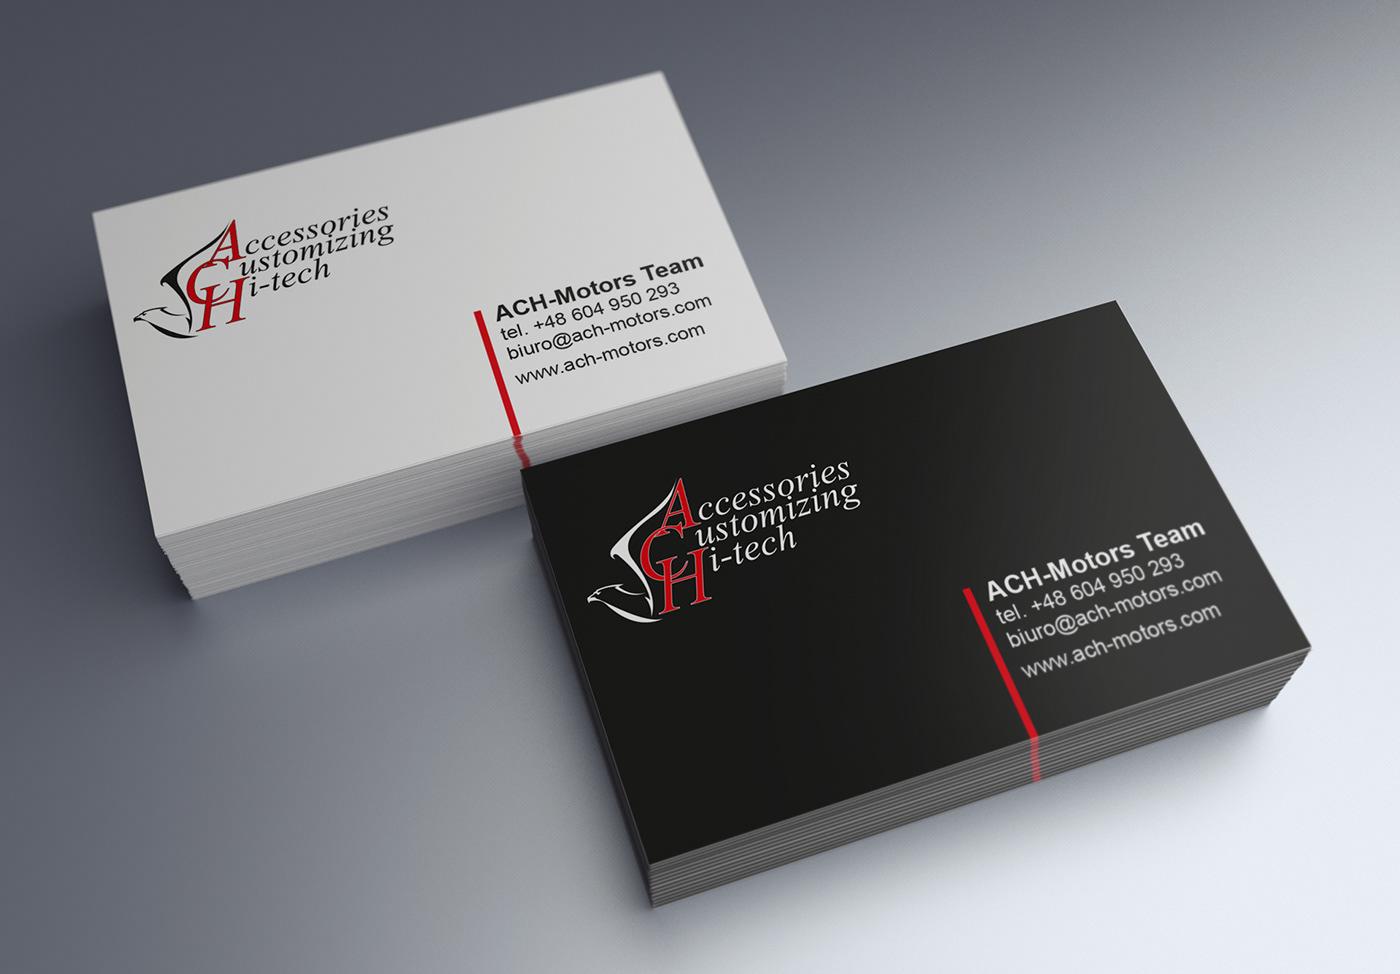 projekt logo projekt graficzny katalogu produktowego projekt wizytówek projekt nadruku na t-shirt fotografia produktowa fotografie we wnętrzach skład komputerowy projekt oraz wykonanie materiałów reklamowych projekt oraz wykonanie strony internetowej projekt